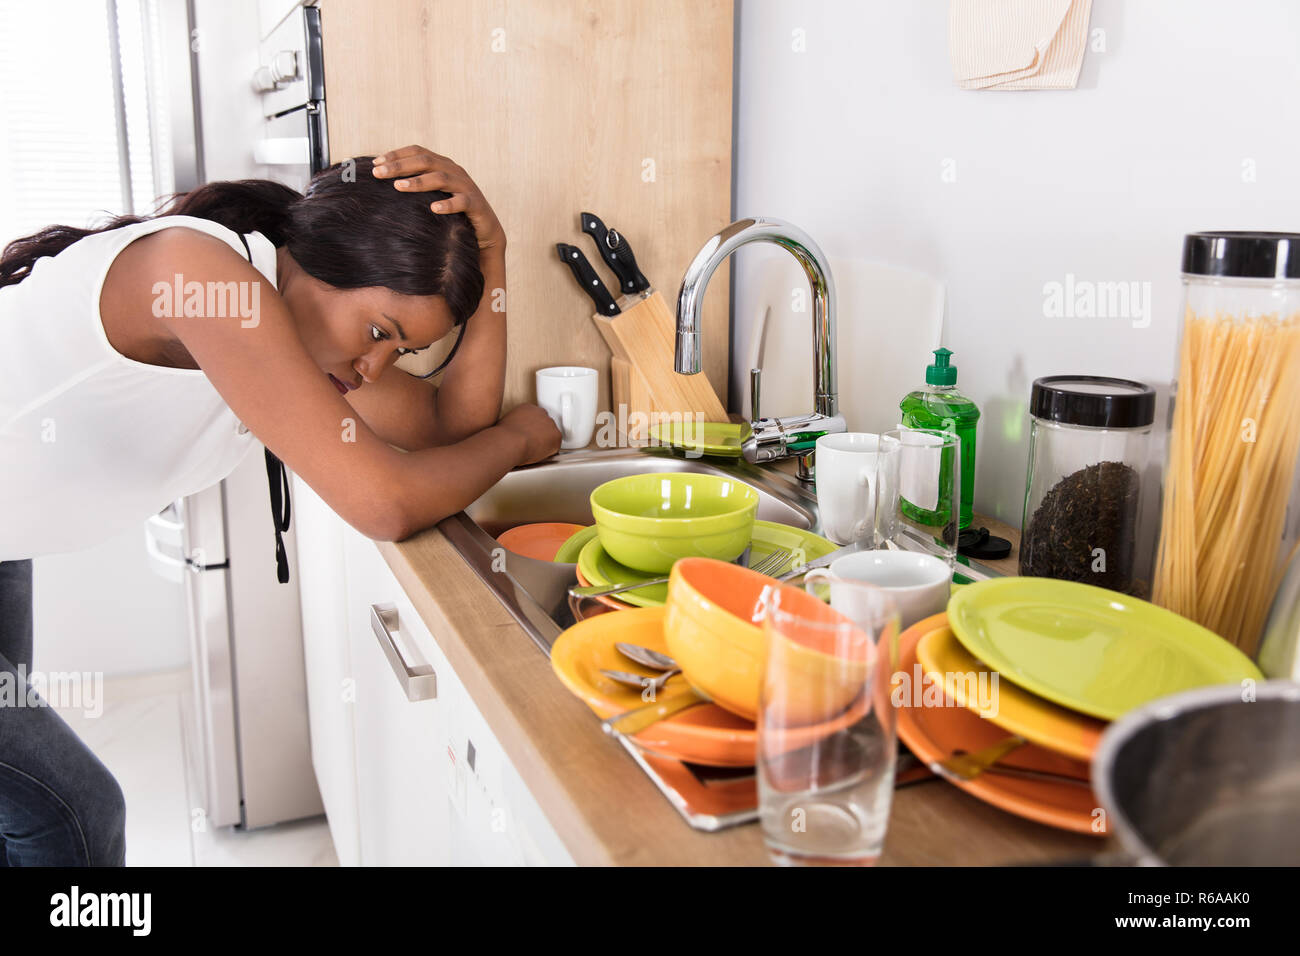 Souligné Woman Leaning près de l'évier de cuisine à la recherche d'ustensiles à Banque D'Images